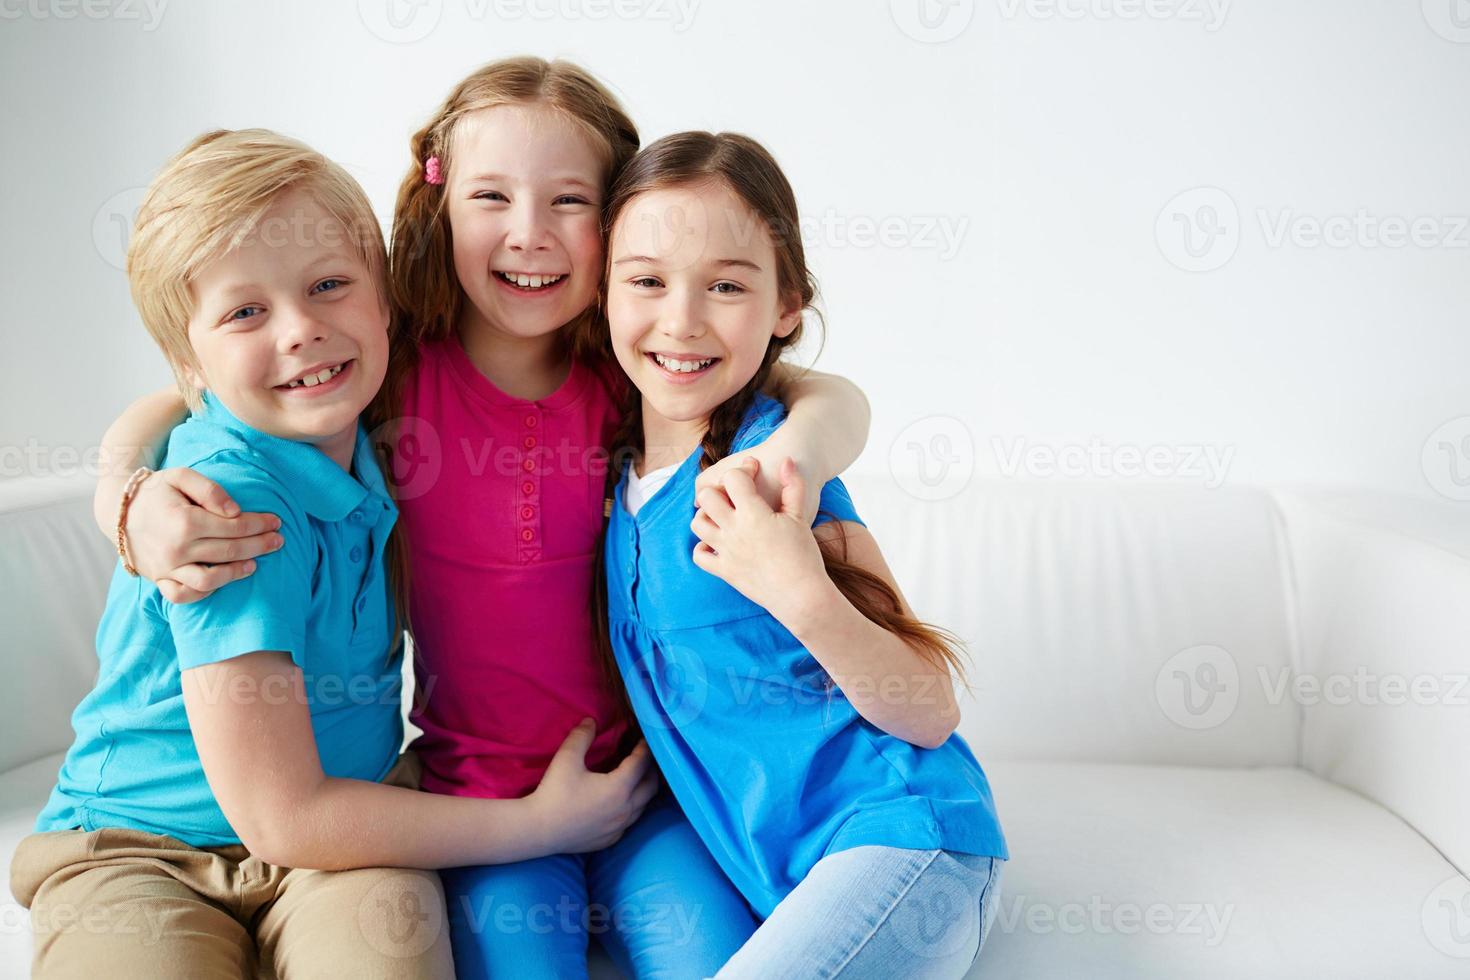 enfants joyeux photo